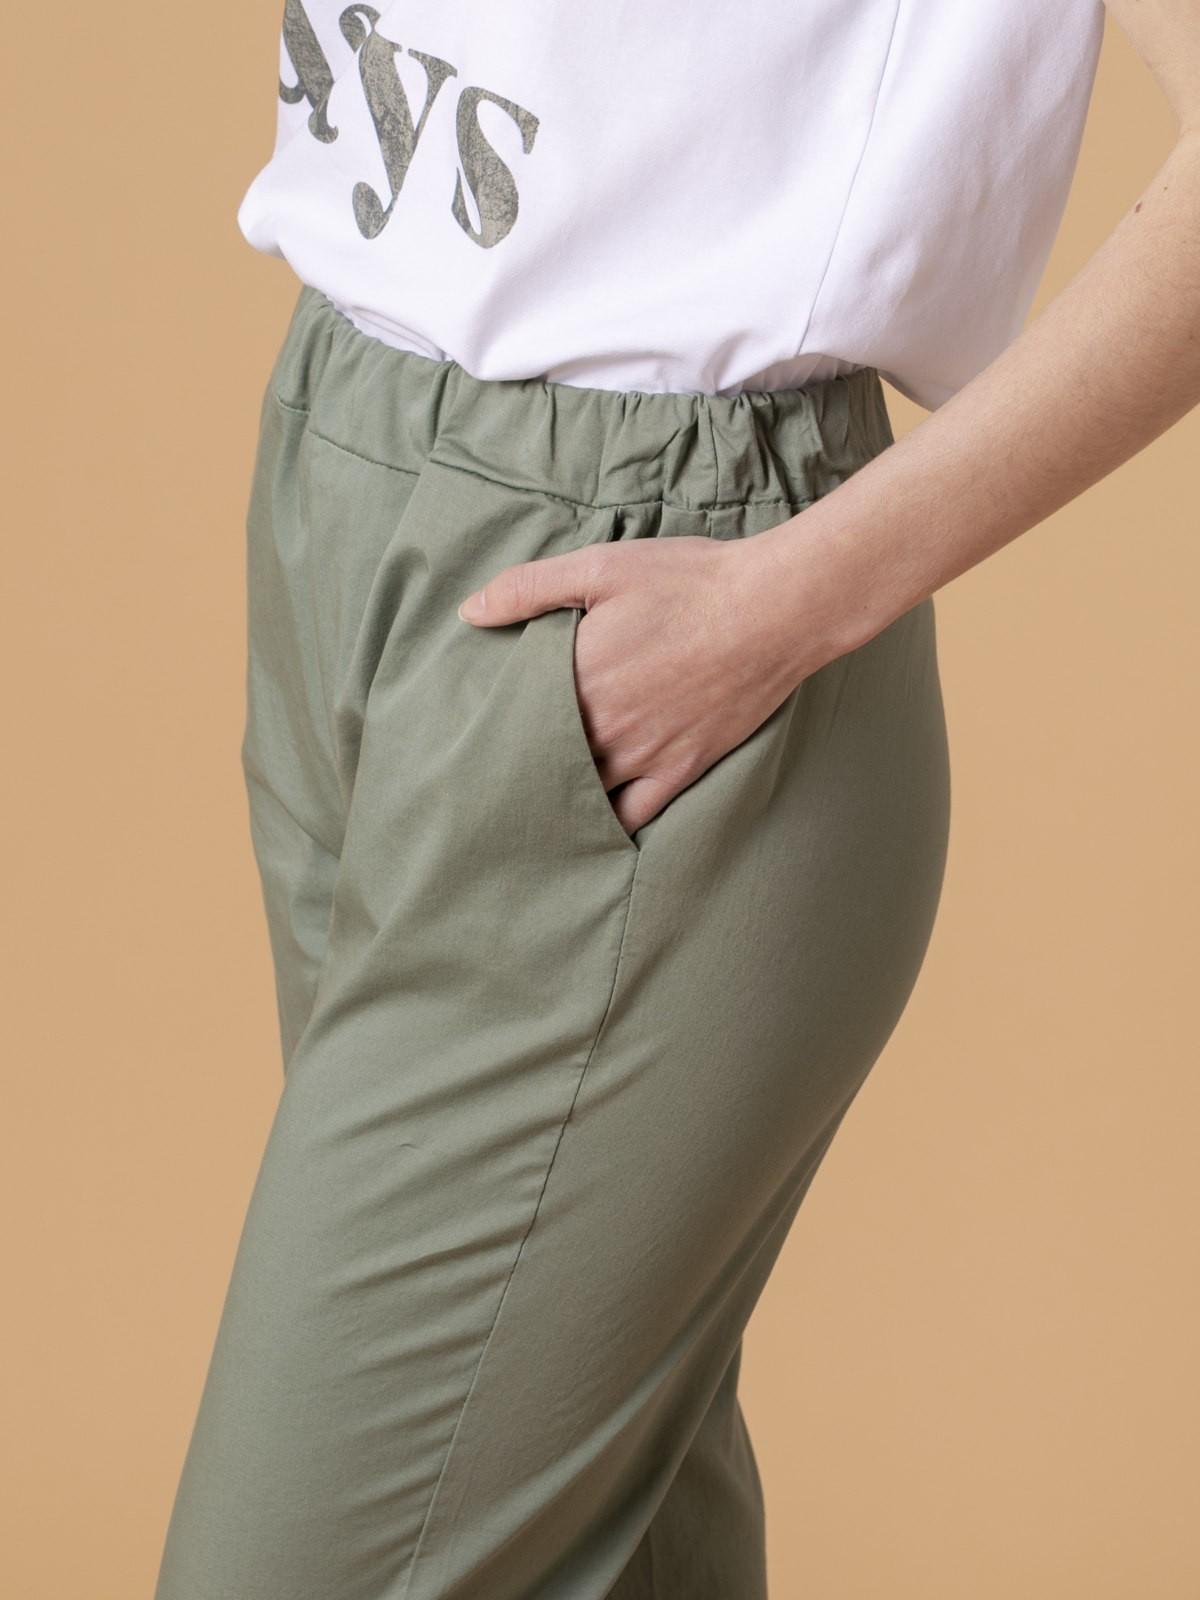 Pantalón mujer sport ligero Caqui